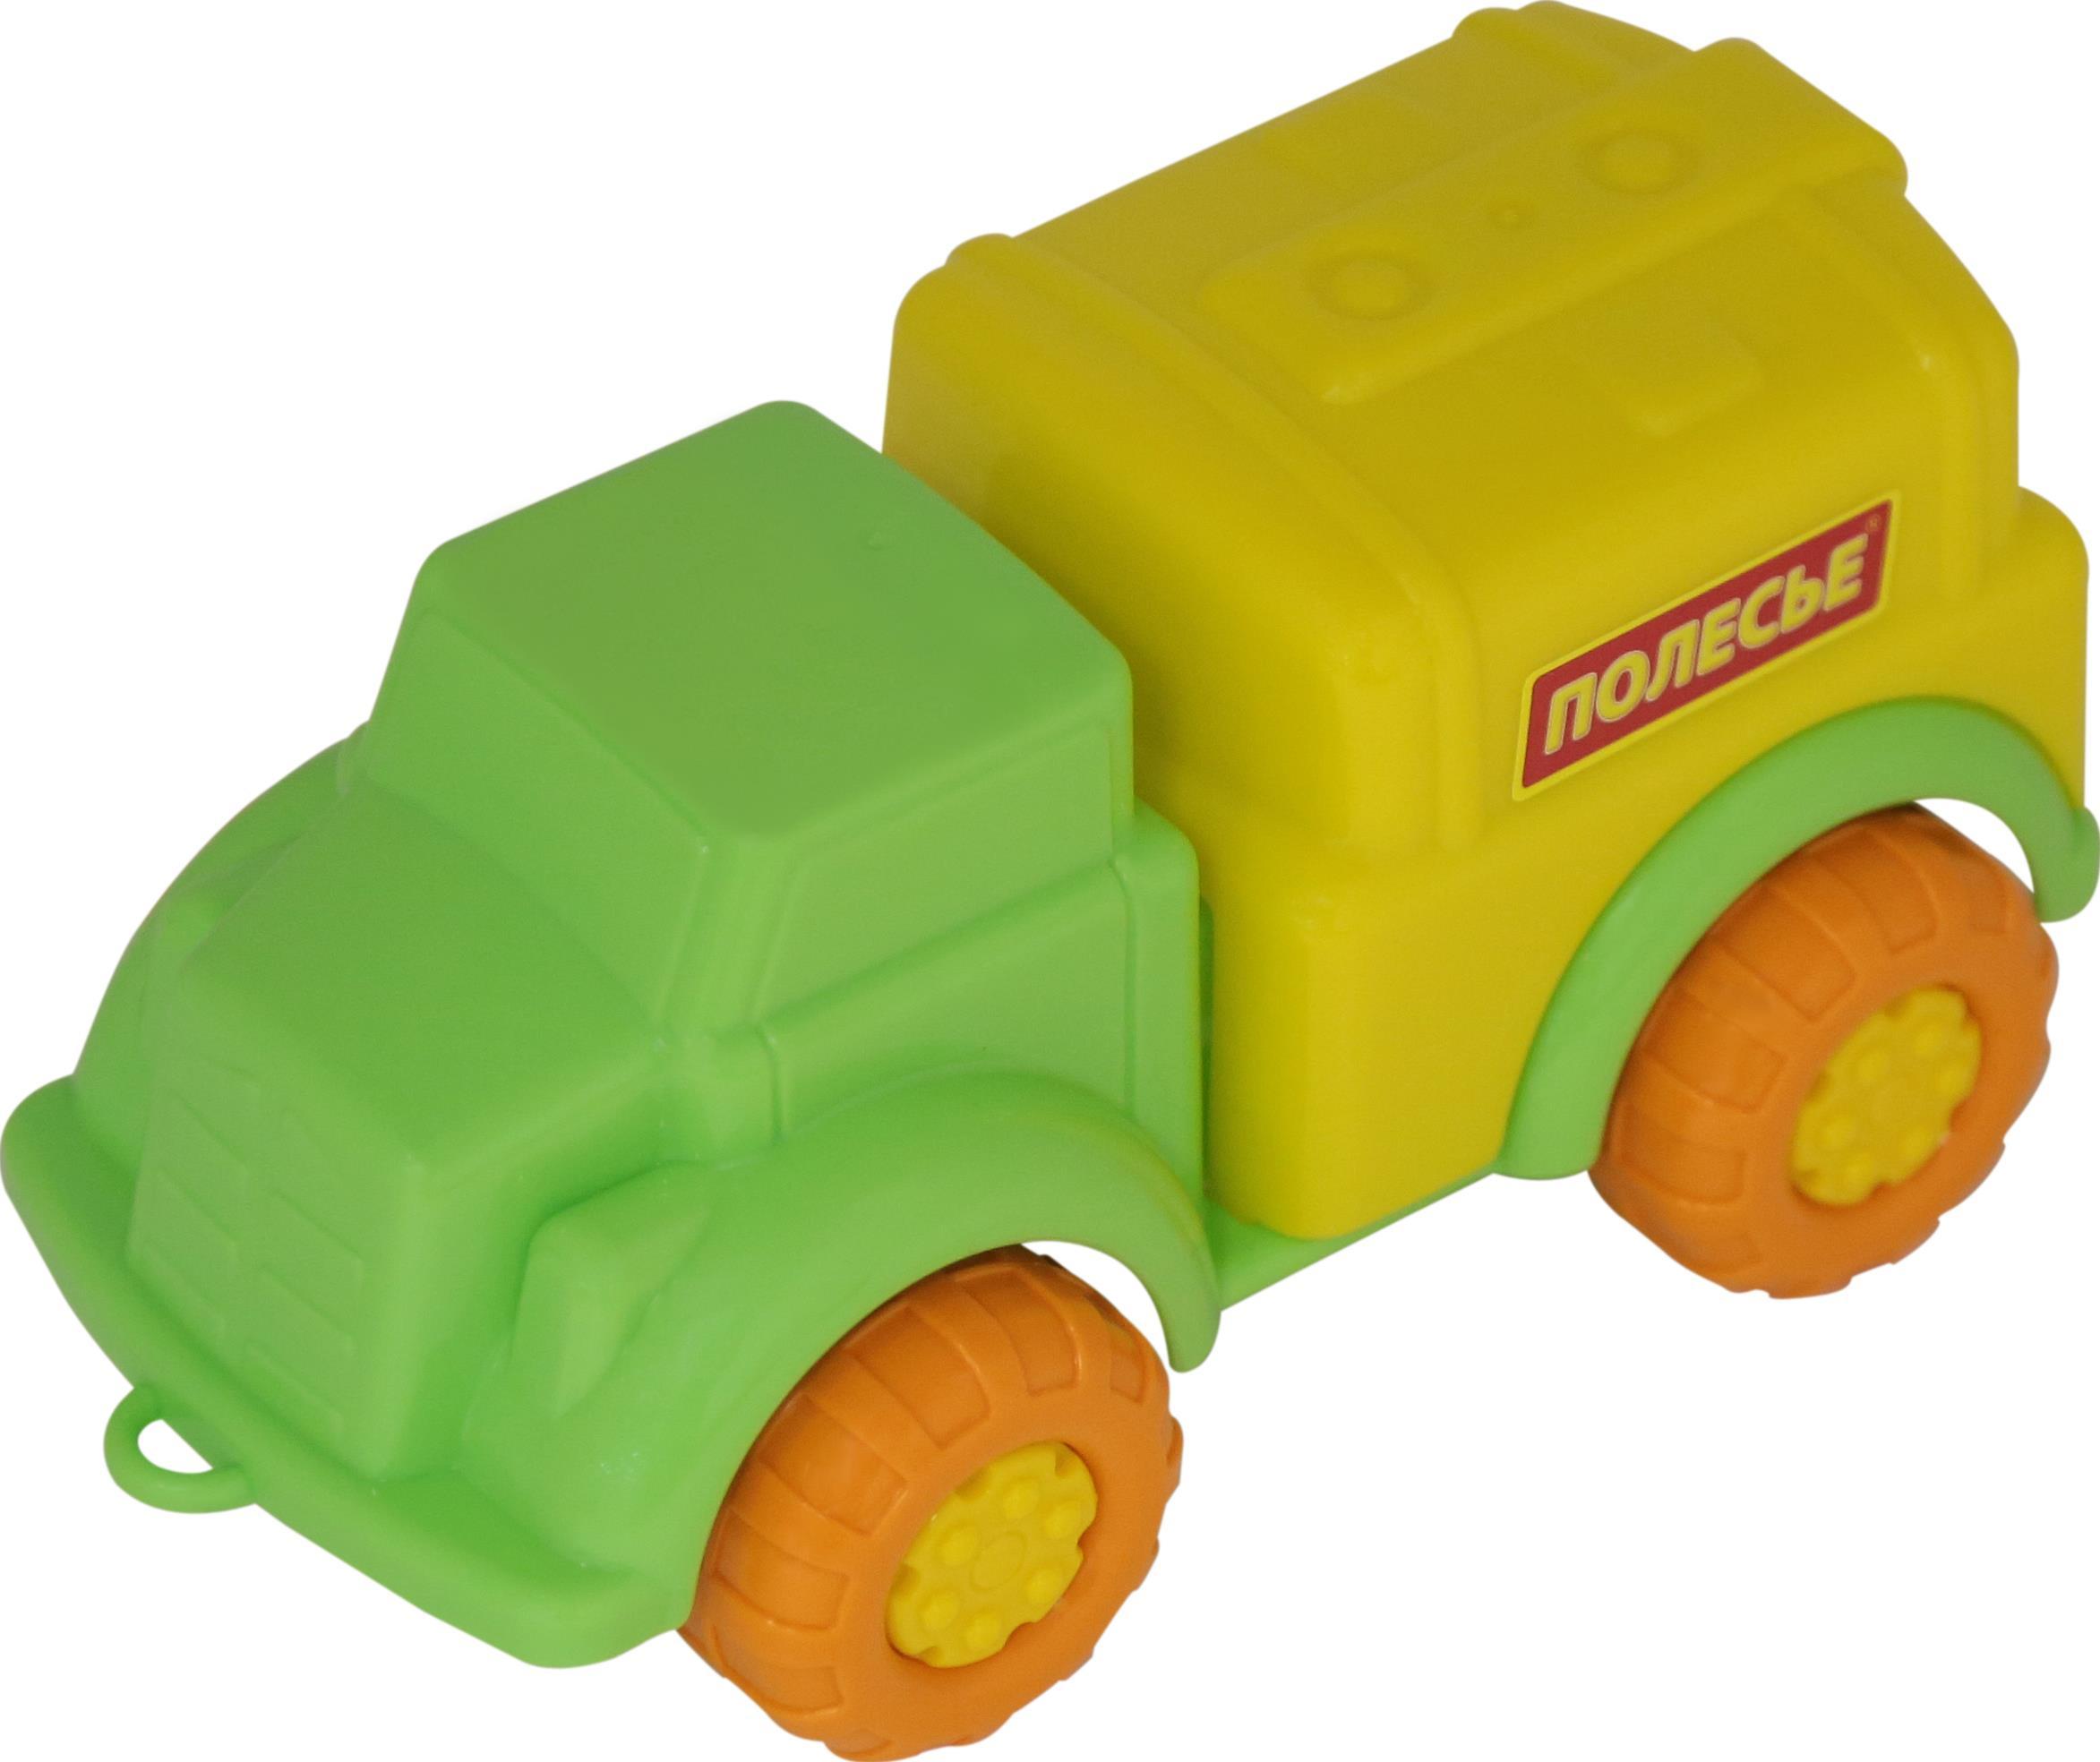 Автомобиль-молоковоз АнтошкаВсе для песочницы<br>Автомобиль-молоковоз Антошка<br>